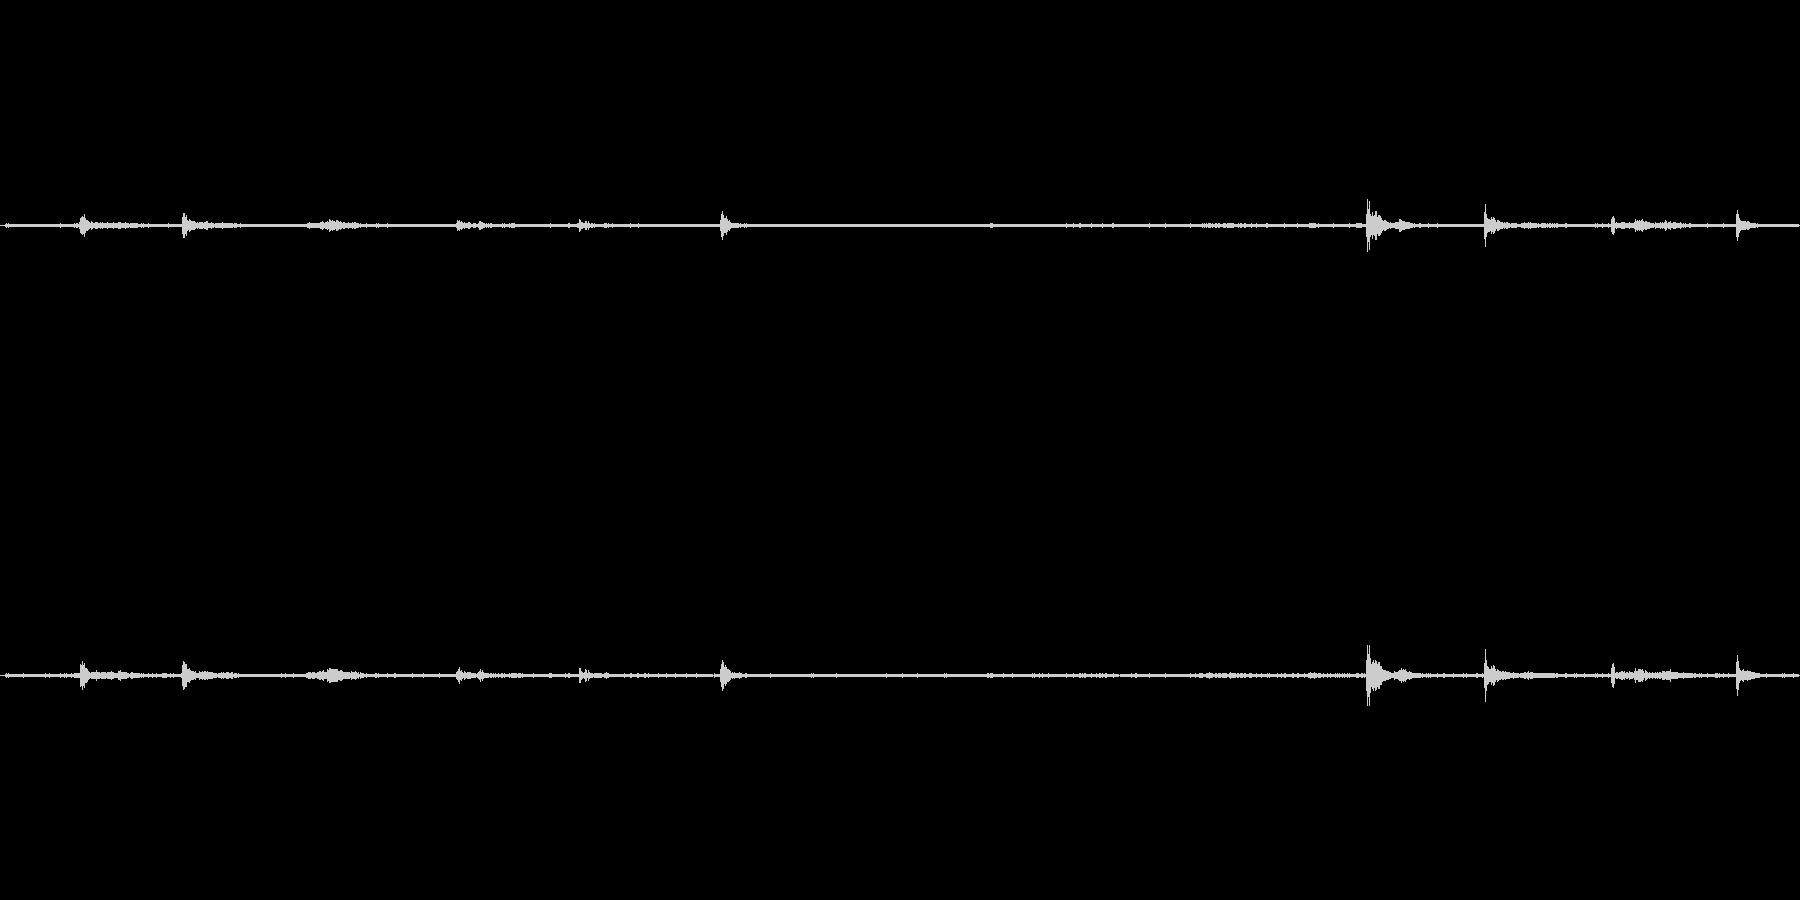 【生音】歩く・室内・スリッパ - 2 …の未再生の波形